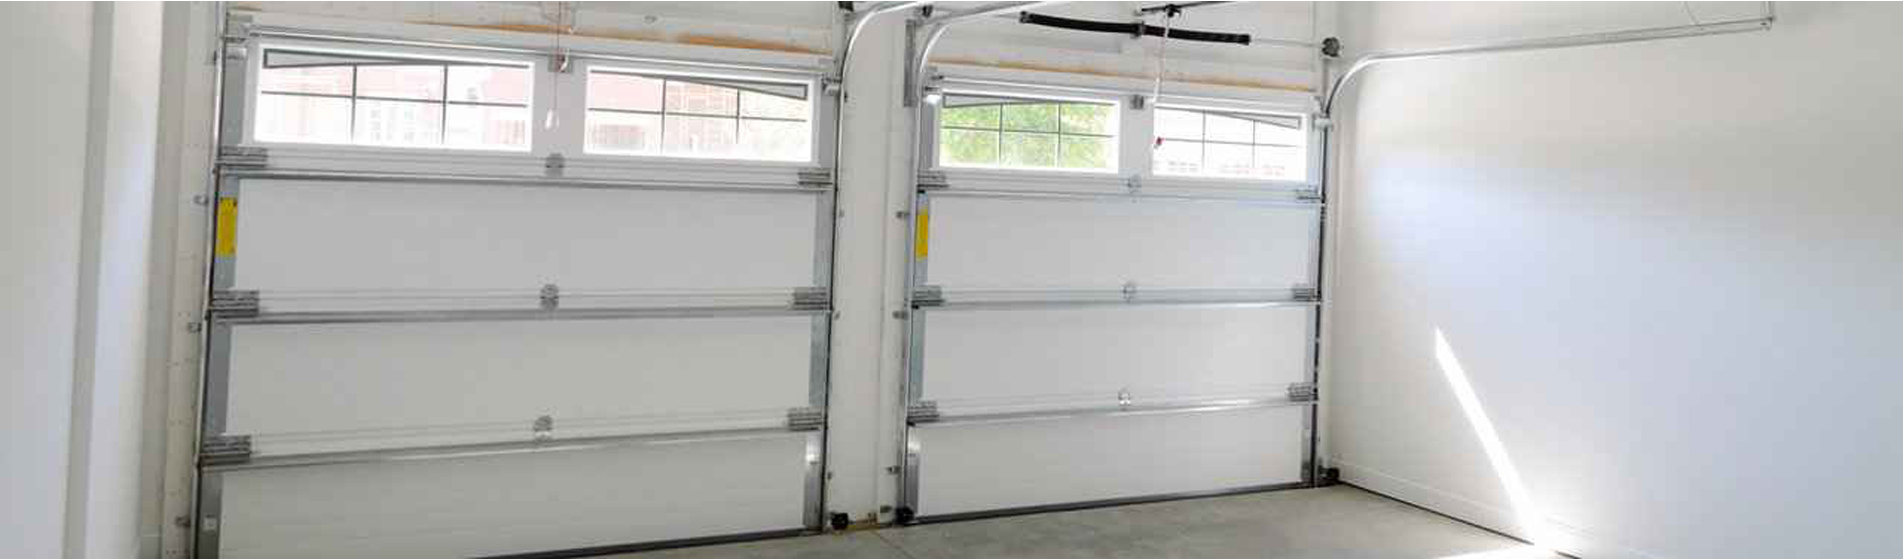 porte de garage enroulable sur-mesure 84300